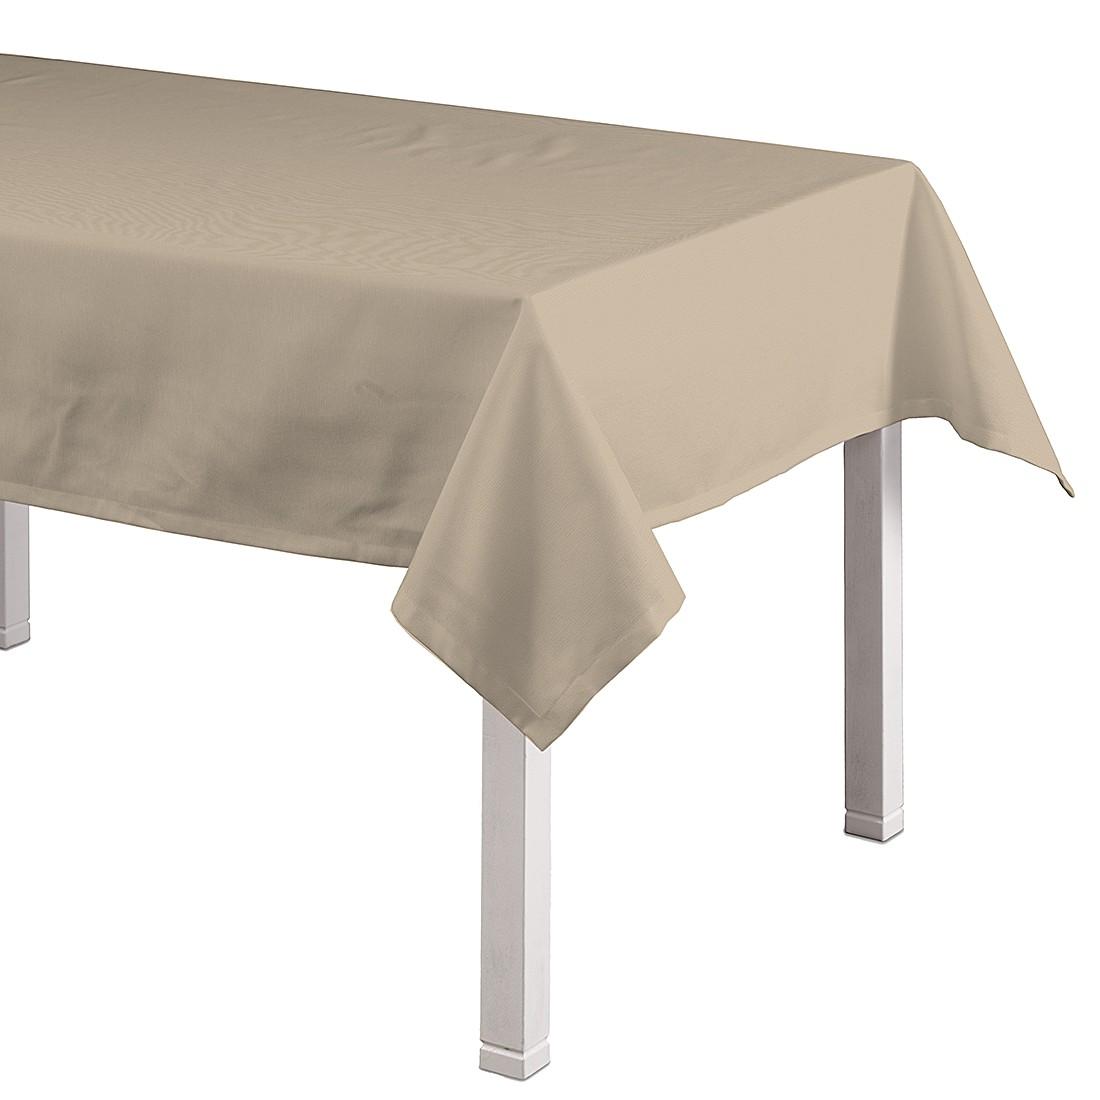 Tischdecke Cotton Panama – Braun – 130 x 180 cm, Dekoria jetzt kaufen